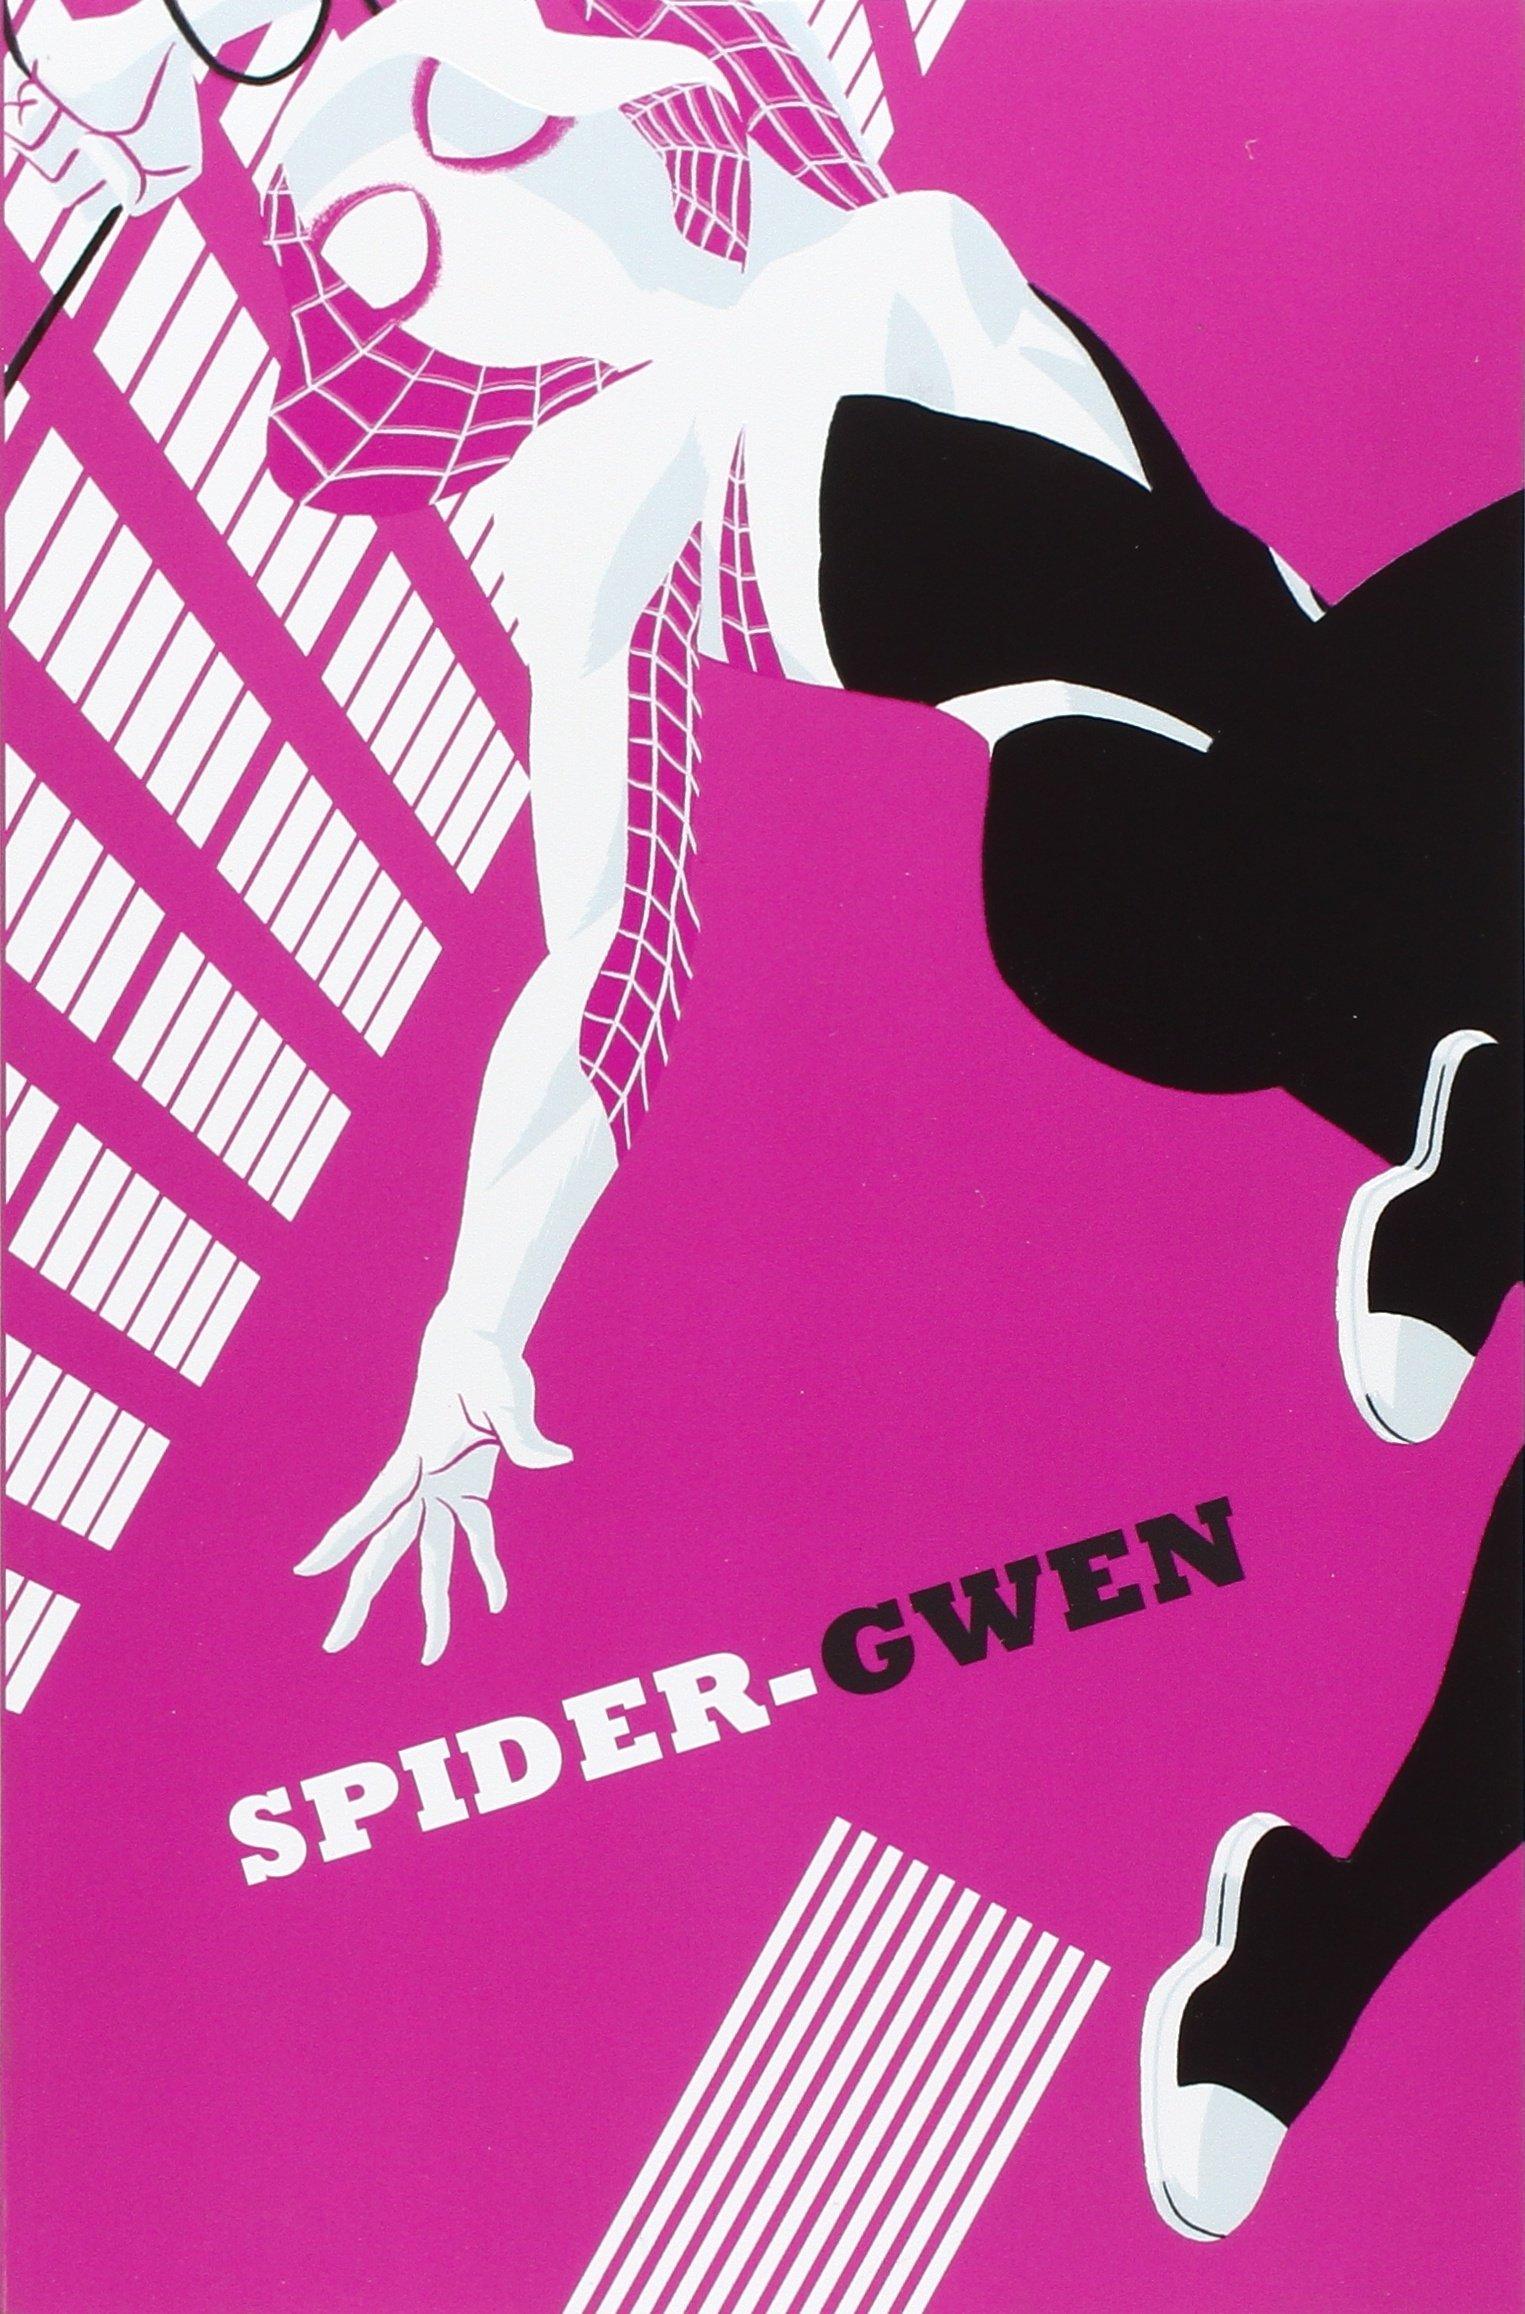 Spider-Gwen #1 - Variant FX